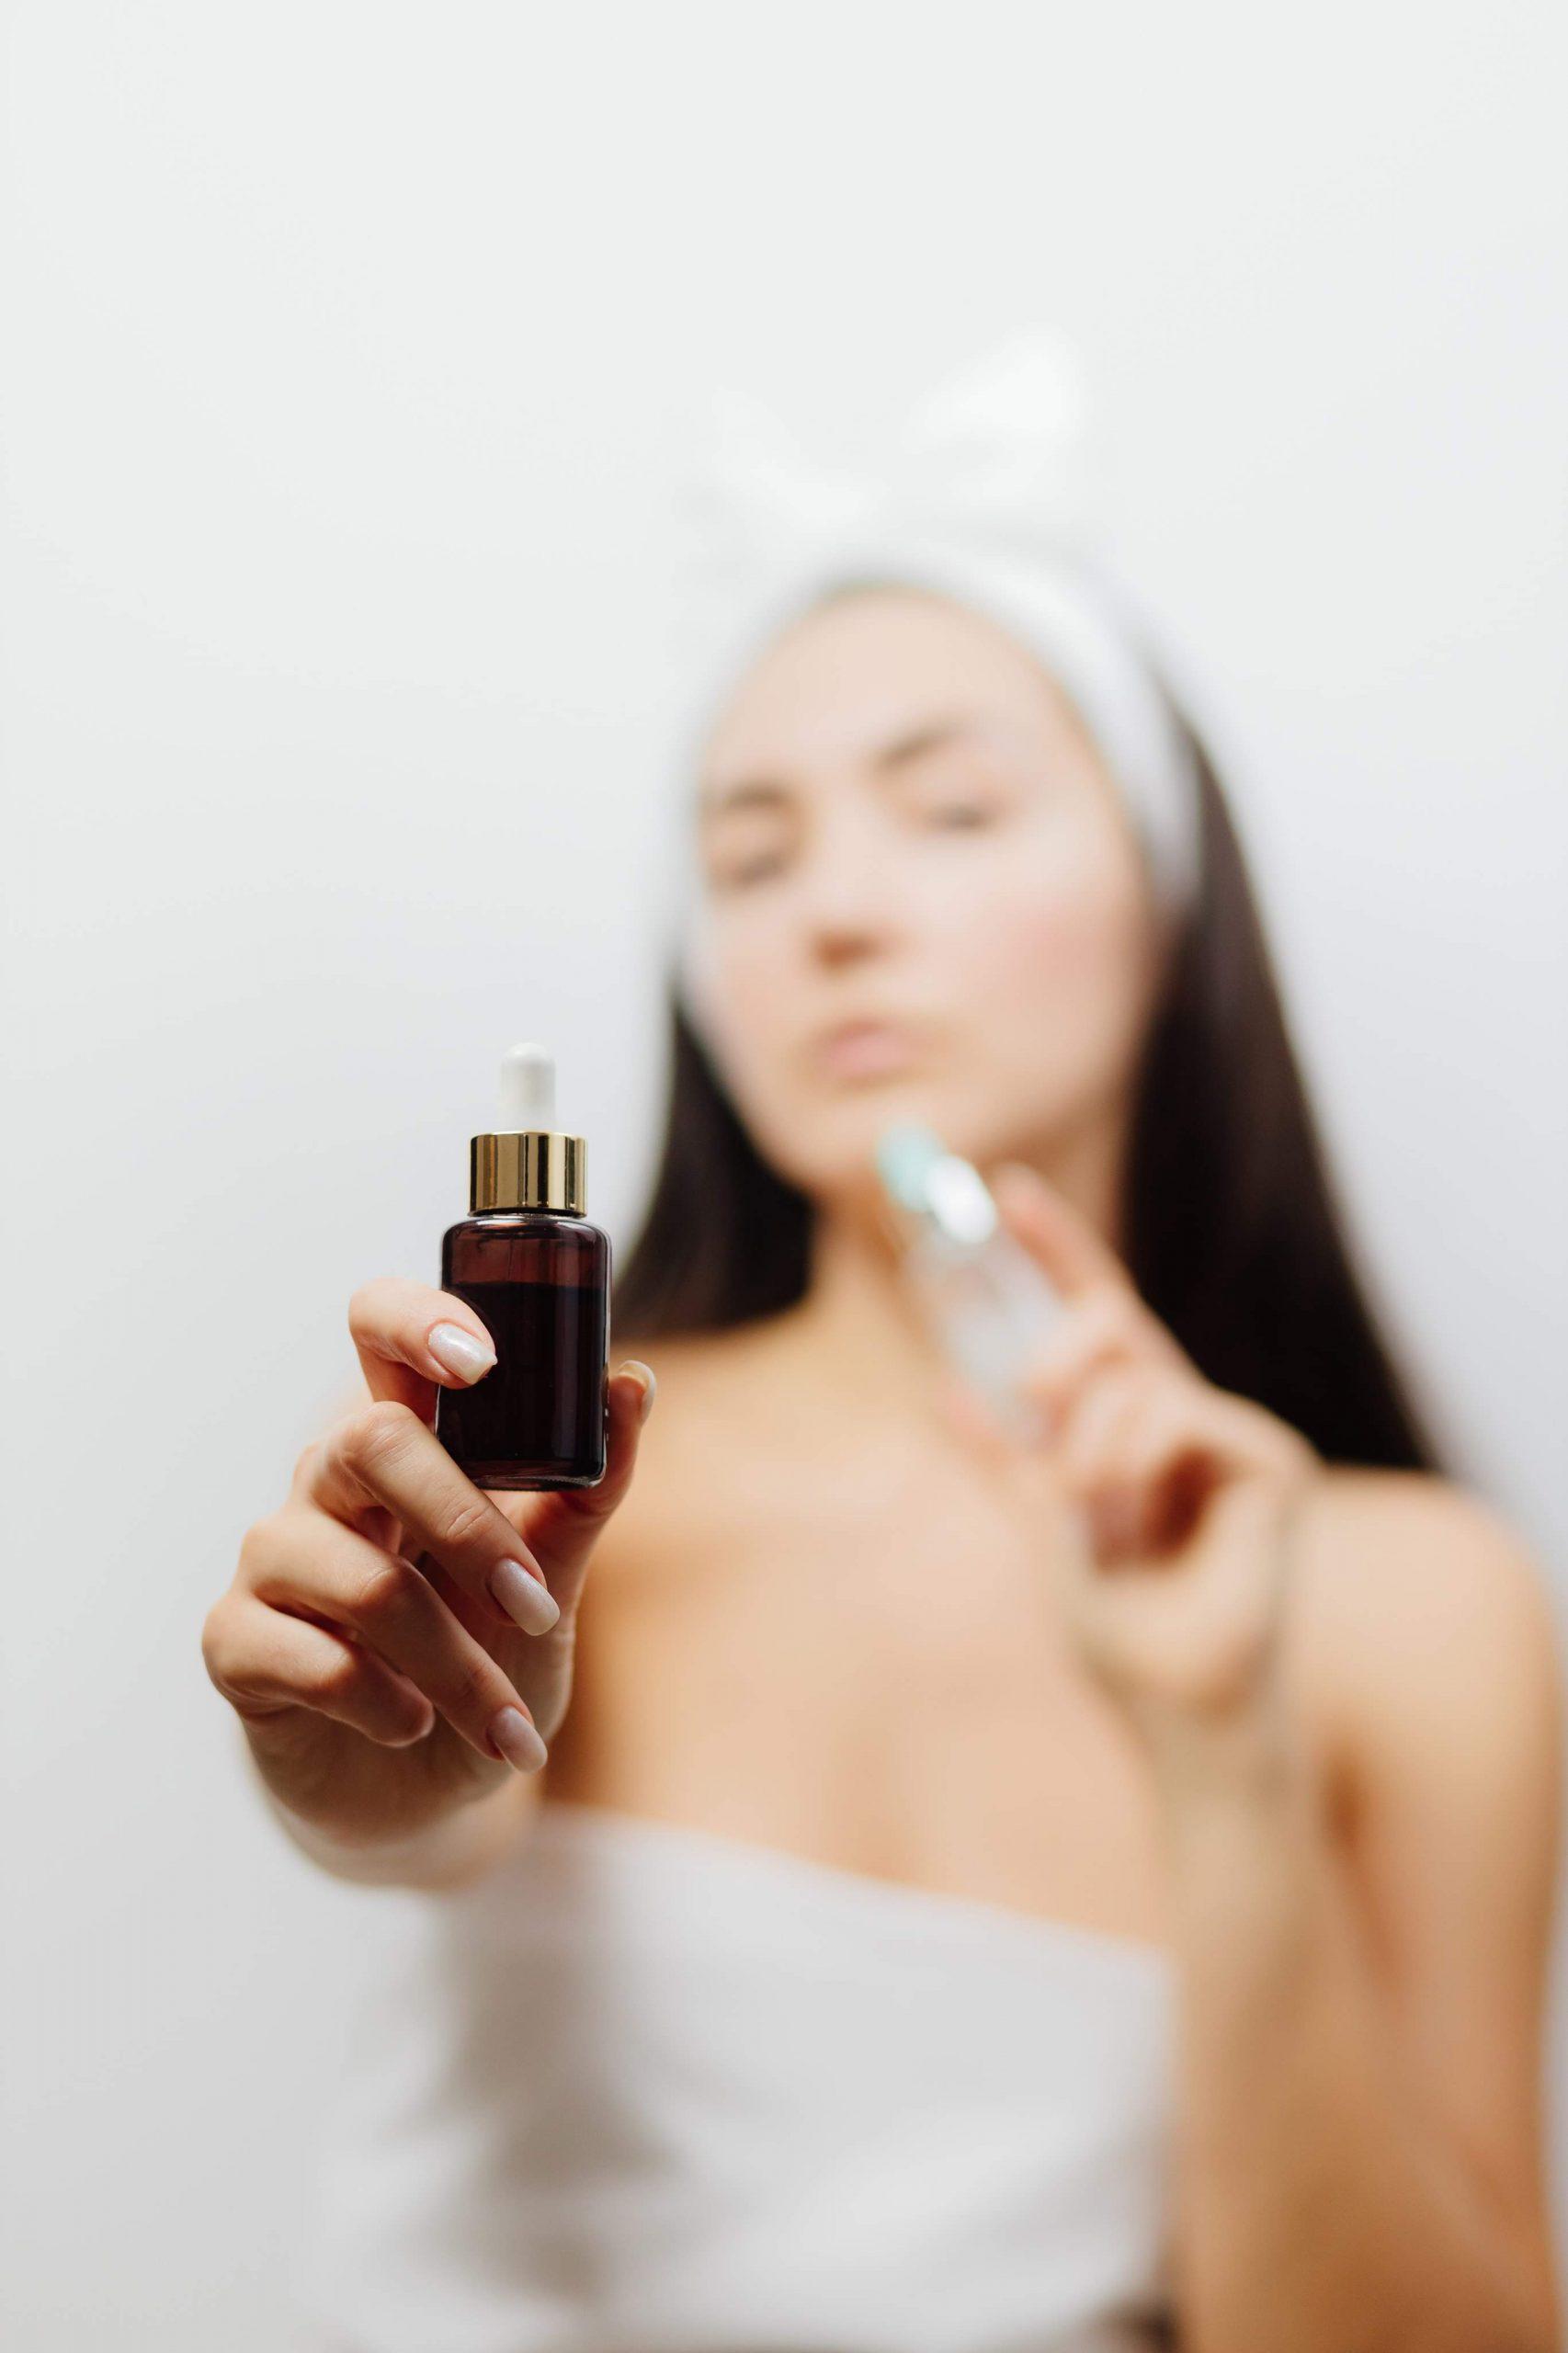 Wjaki sposób dobrać witaminę dopotrzeb swojej skóry ? Rodzaje iznaczenie witamin dla cery